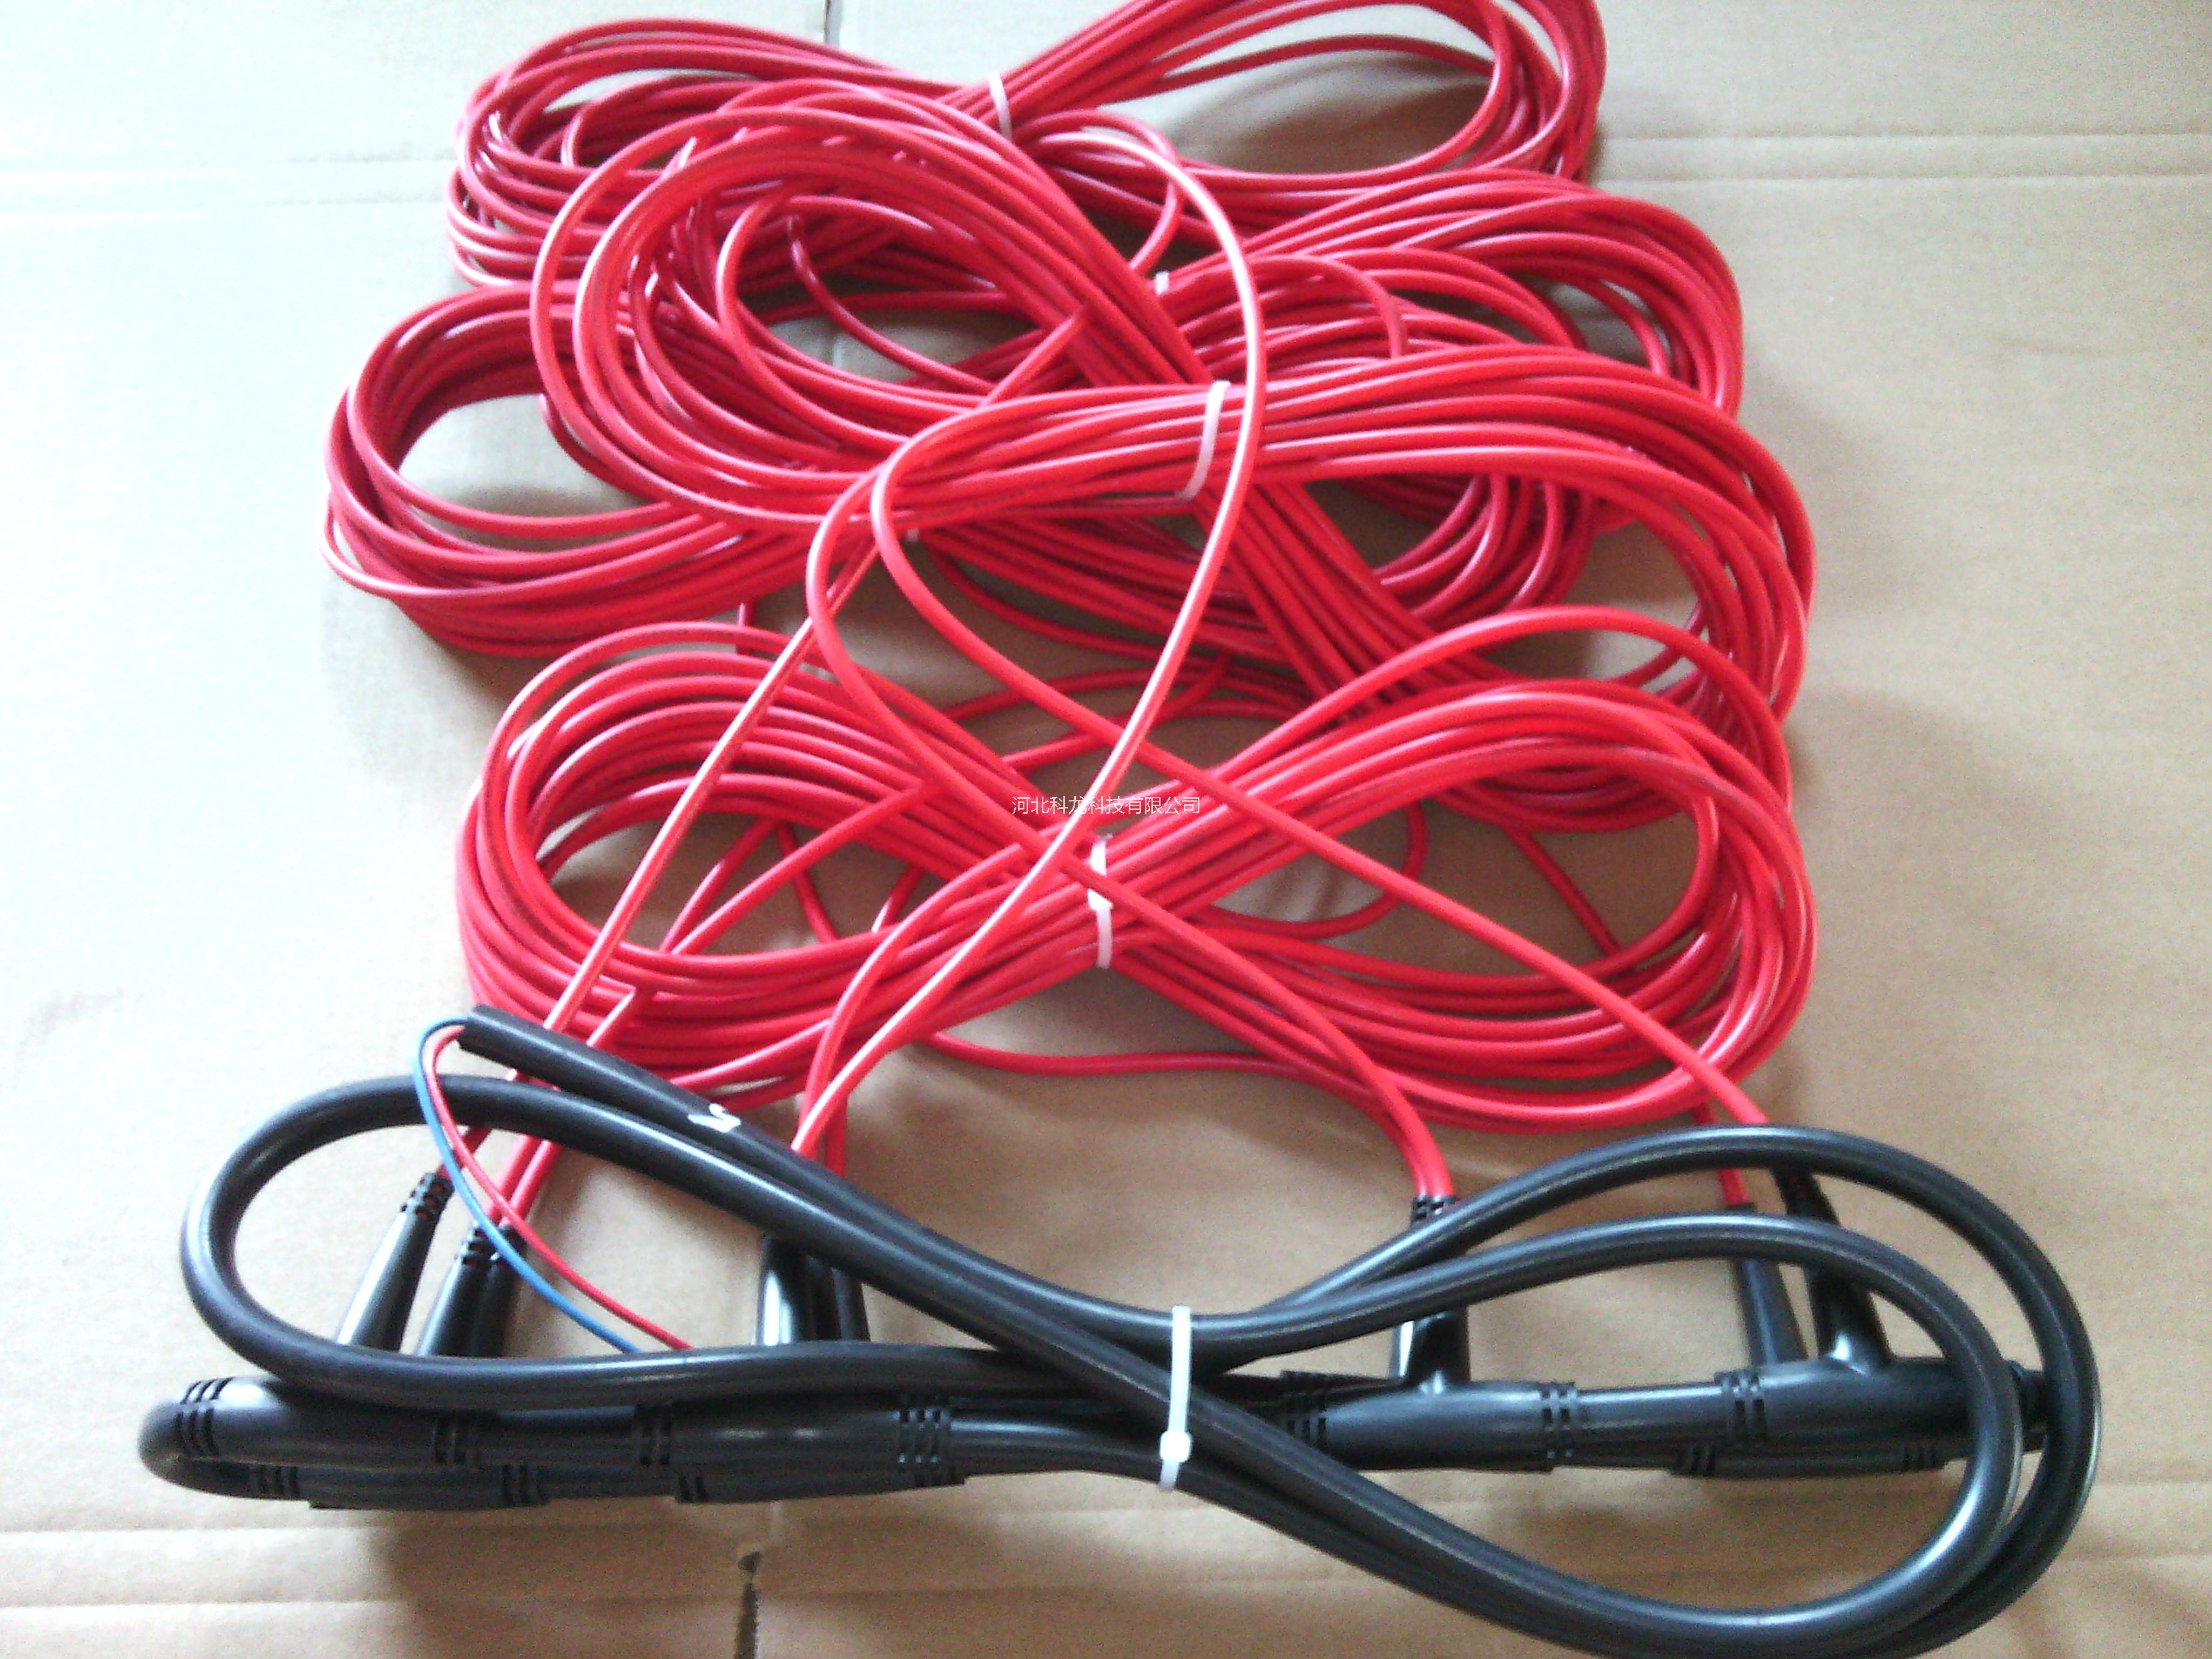 顺平县碳纤维发热电缆电地暖安装价图片/顺平县碳纤维发热电缆电地暖安装价样板图 (3)